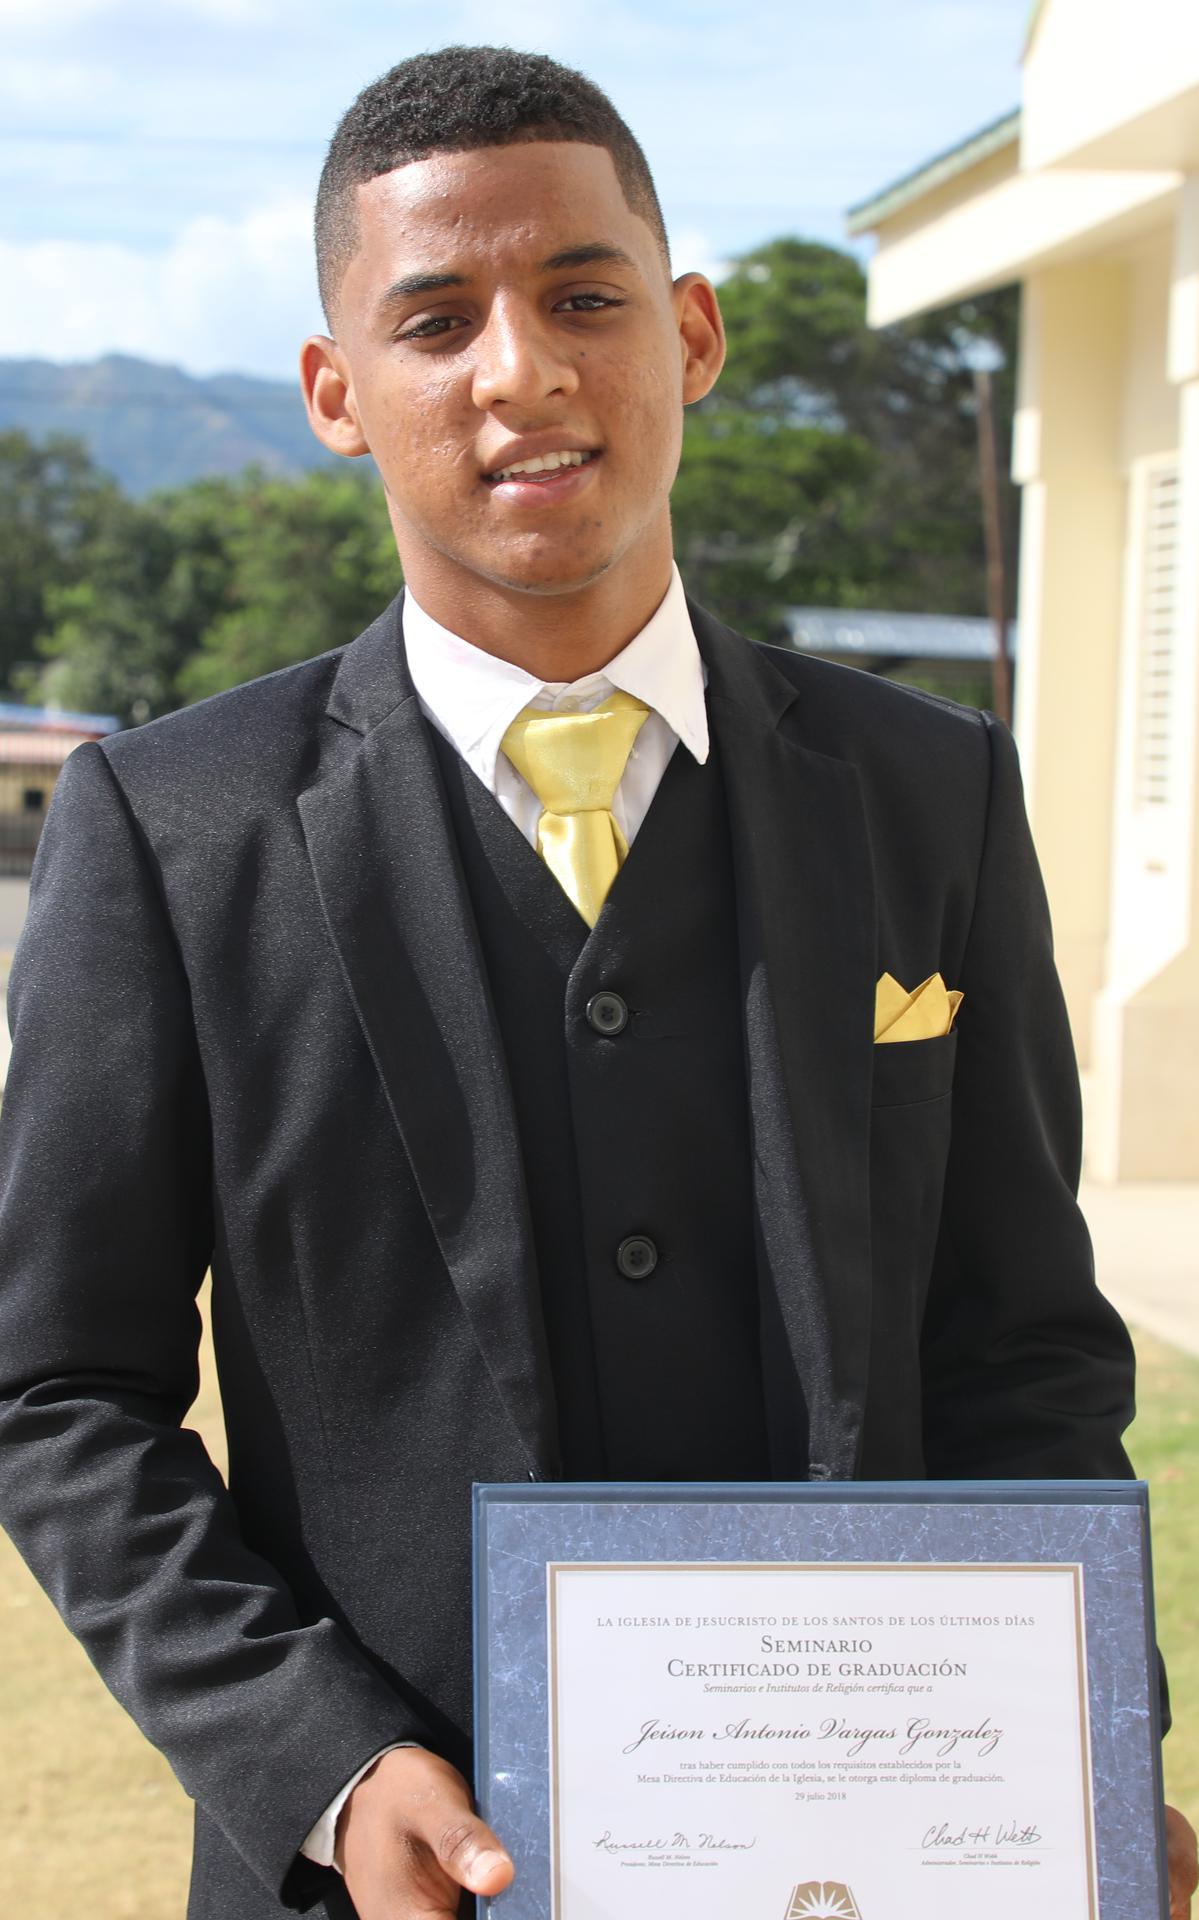 /acp/bc/Caribe Area/Caribe Area/Jovenes/Graduacion seminario Navarrete/2018/jovenes solos/193A0734.JPG